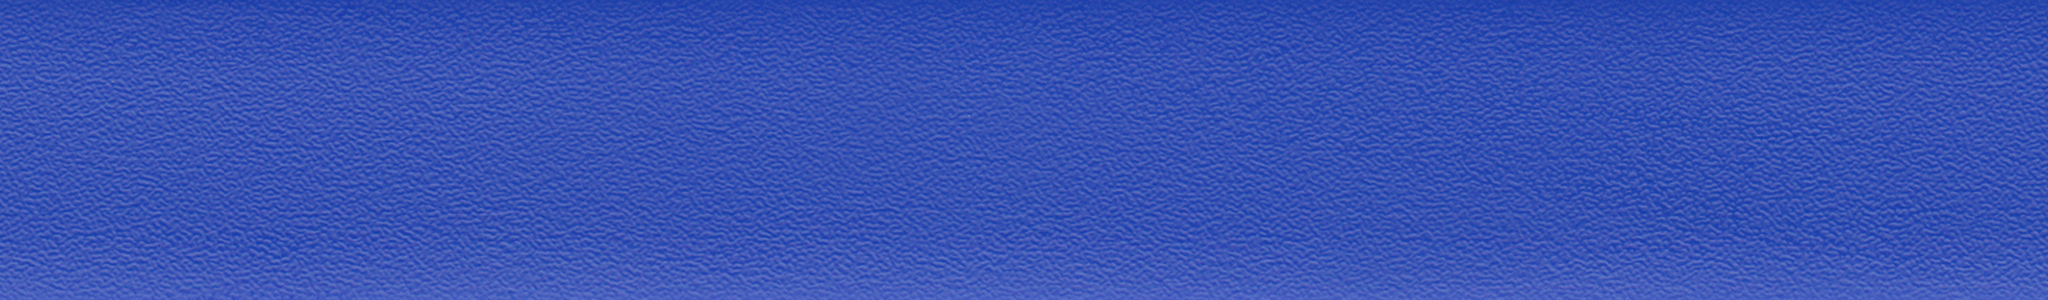 HU 15002 ABS hrana modrá perla 101